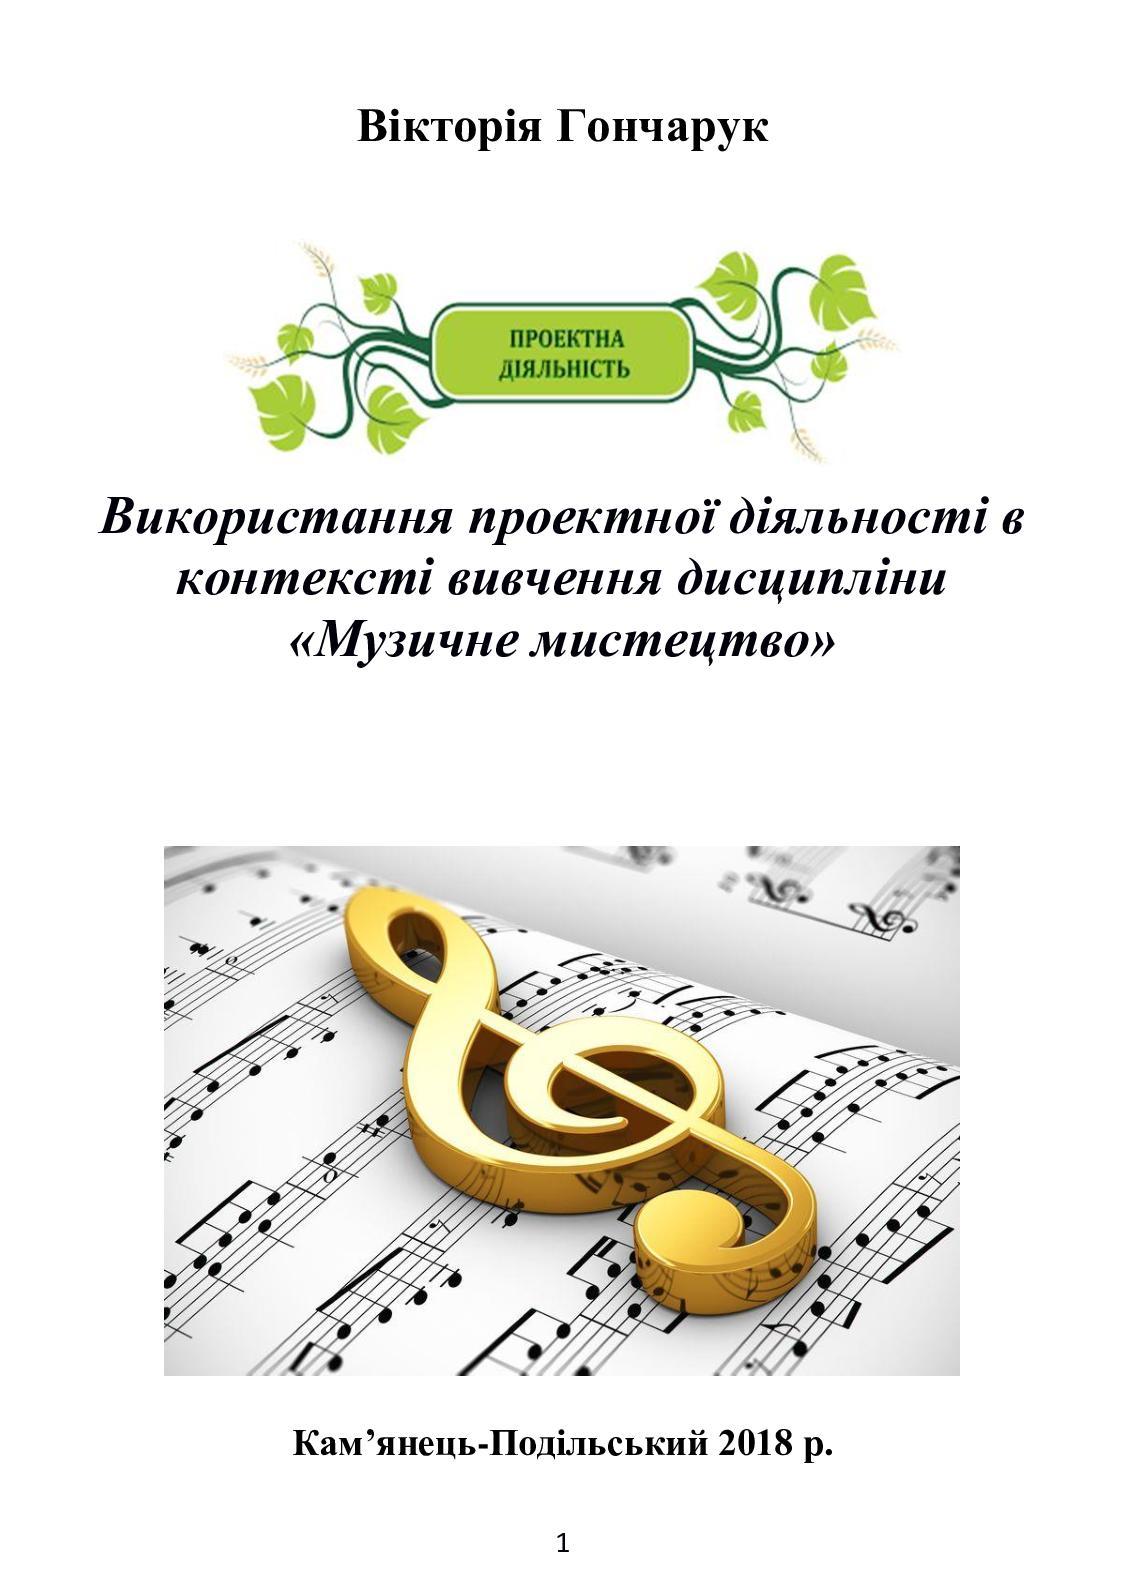 Calaméo - Гончарук В.Б. Проектна діяльність «Музичне мистецтво А5 вивірено. 3c38830f6a755